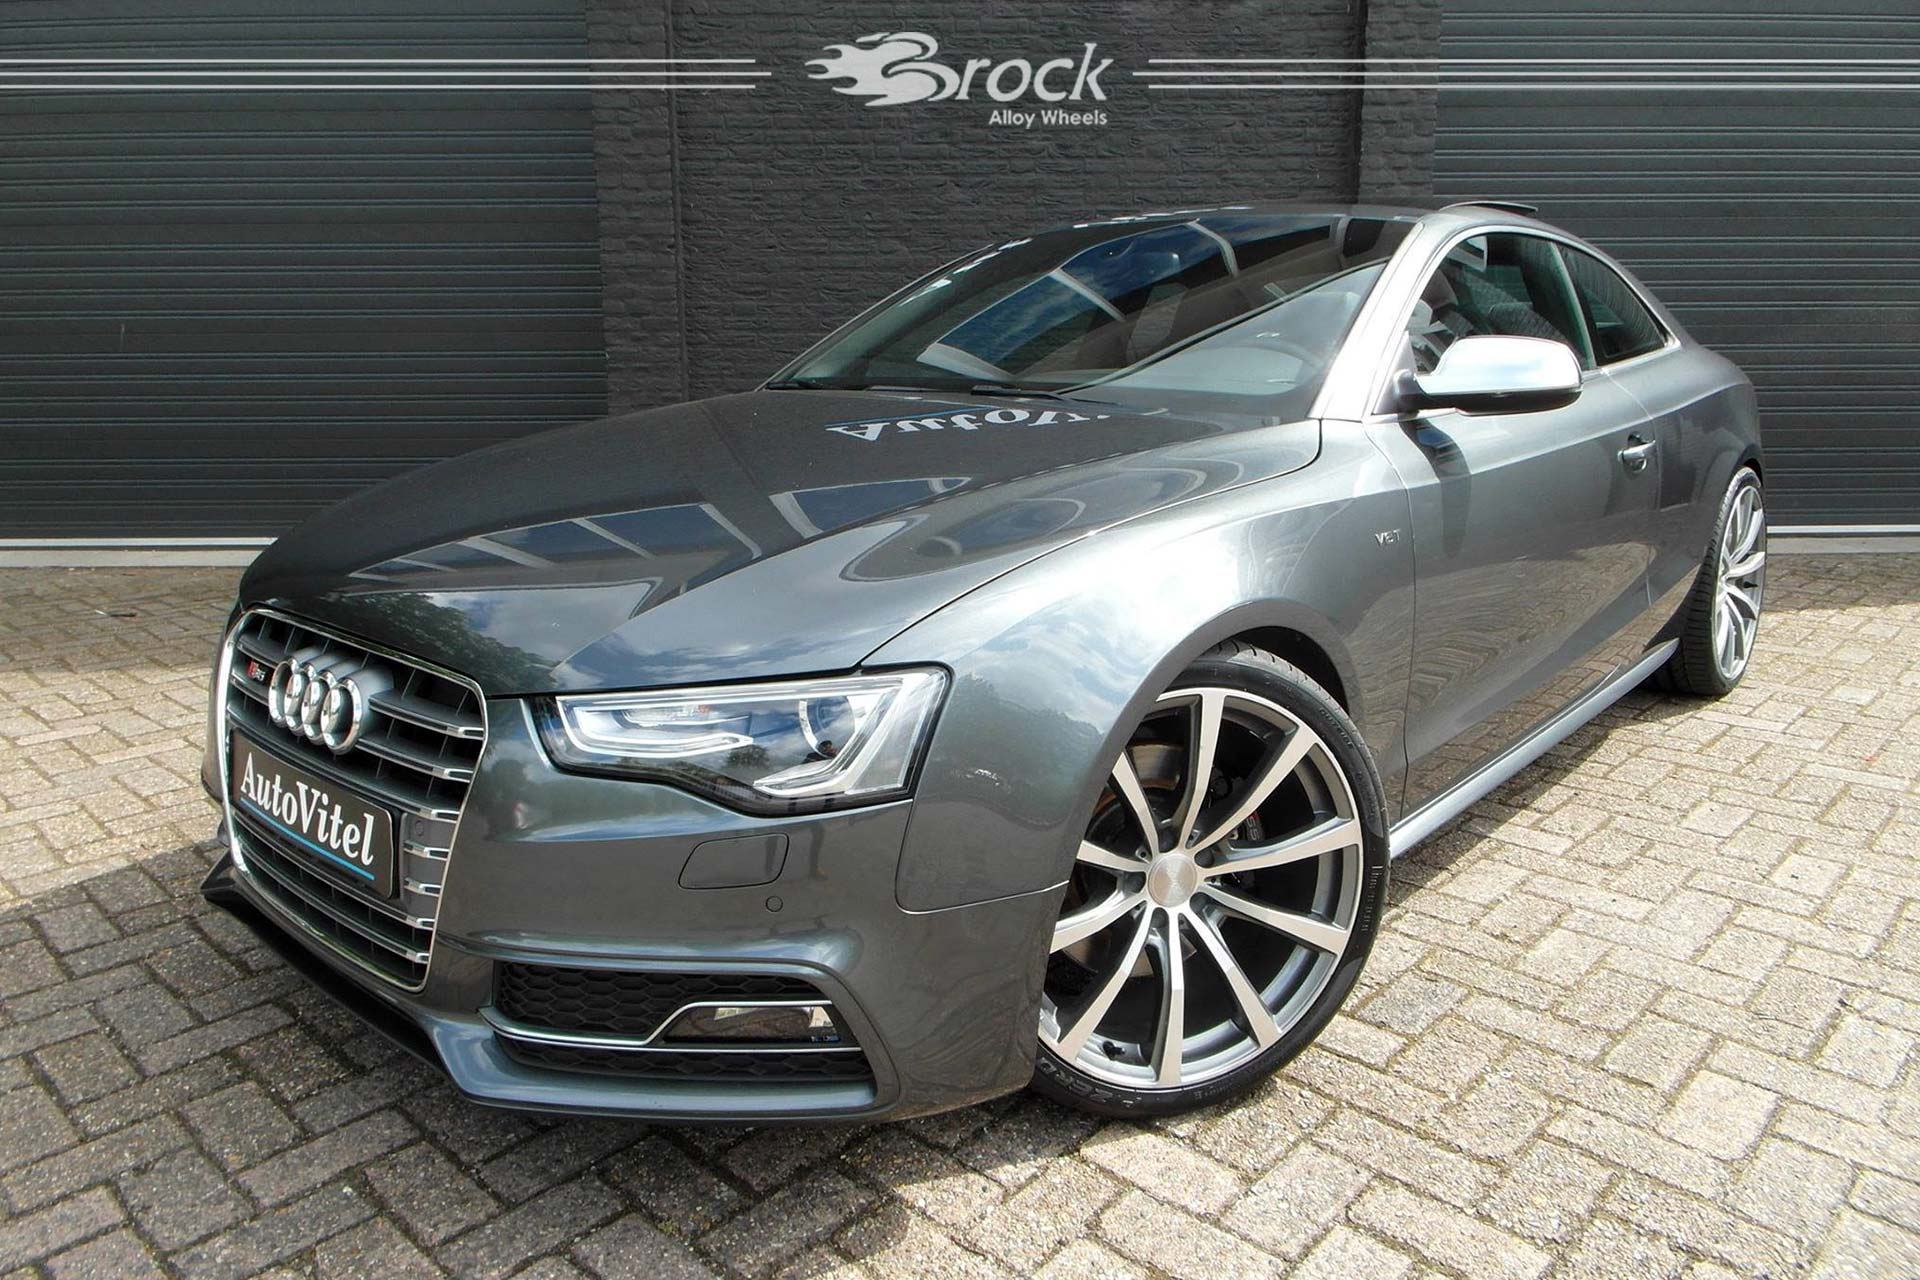 Audi-S5-Coupe-Brock-B32-9520-HGVP.jpg